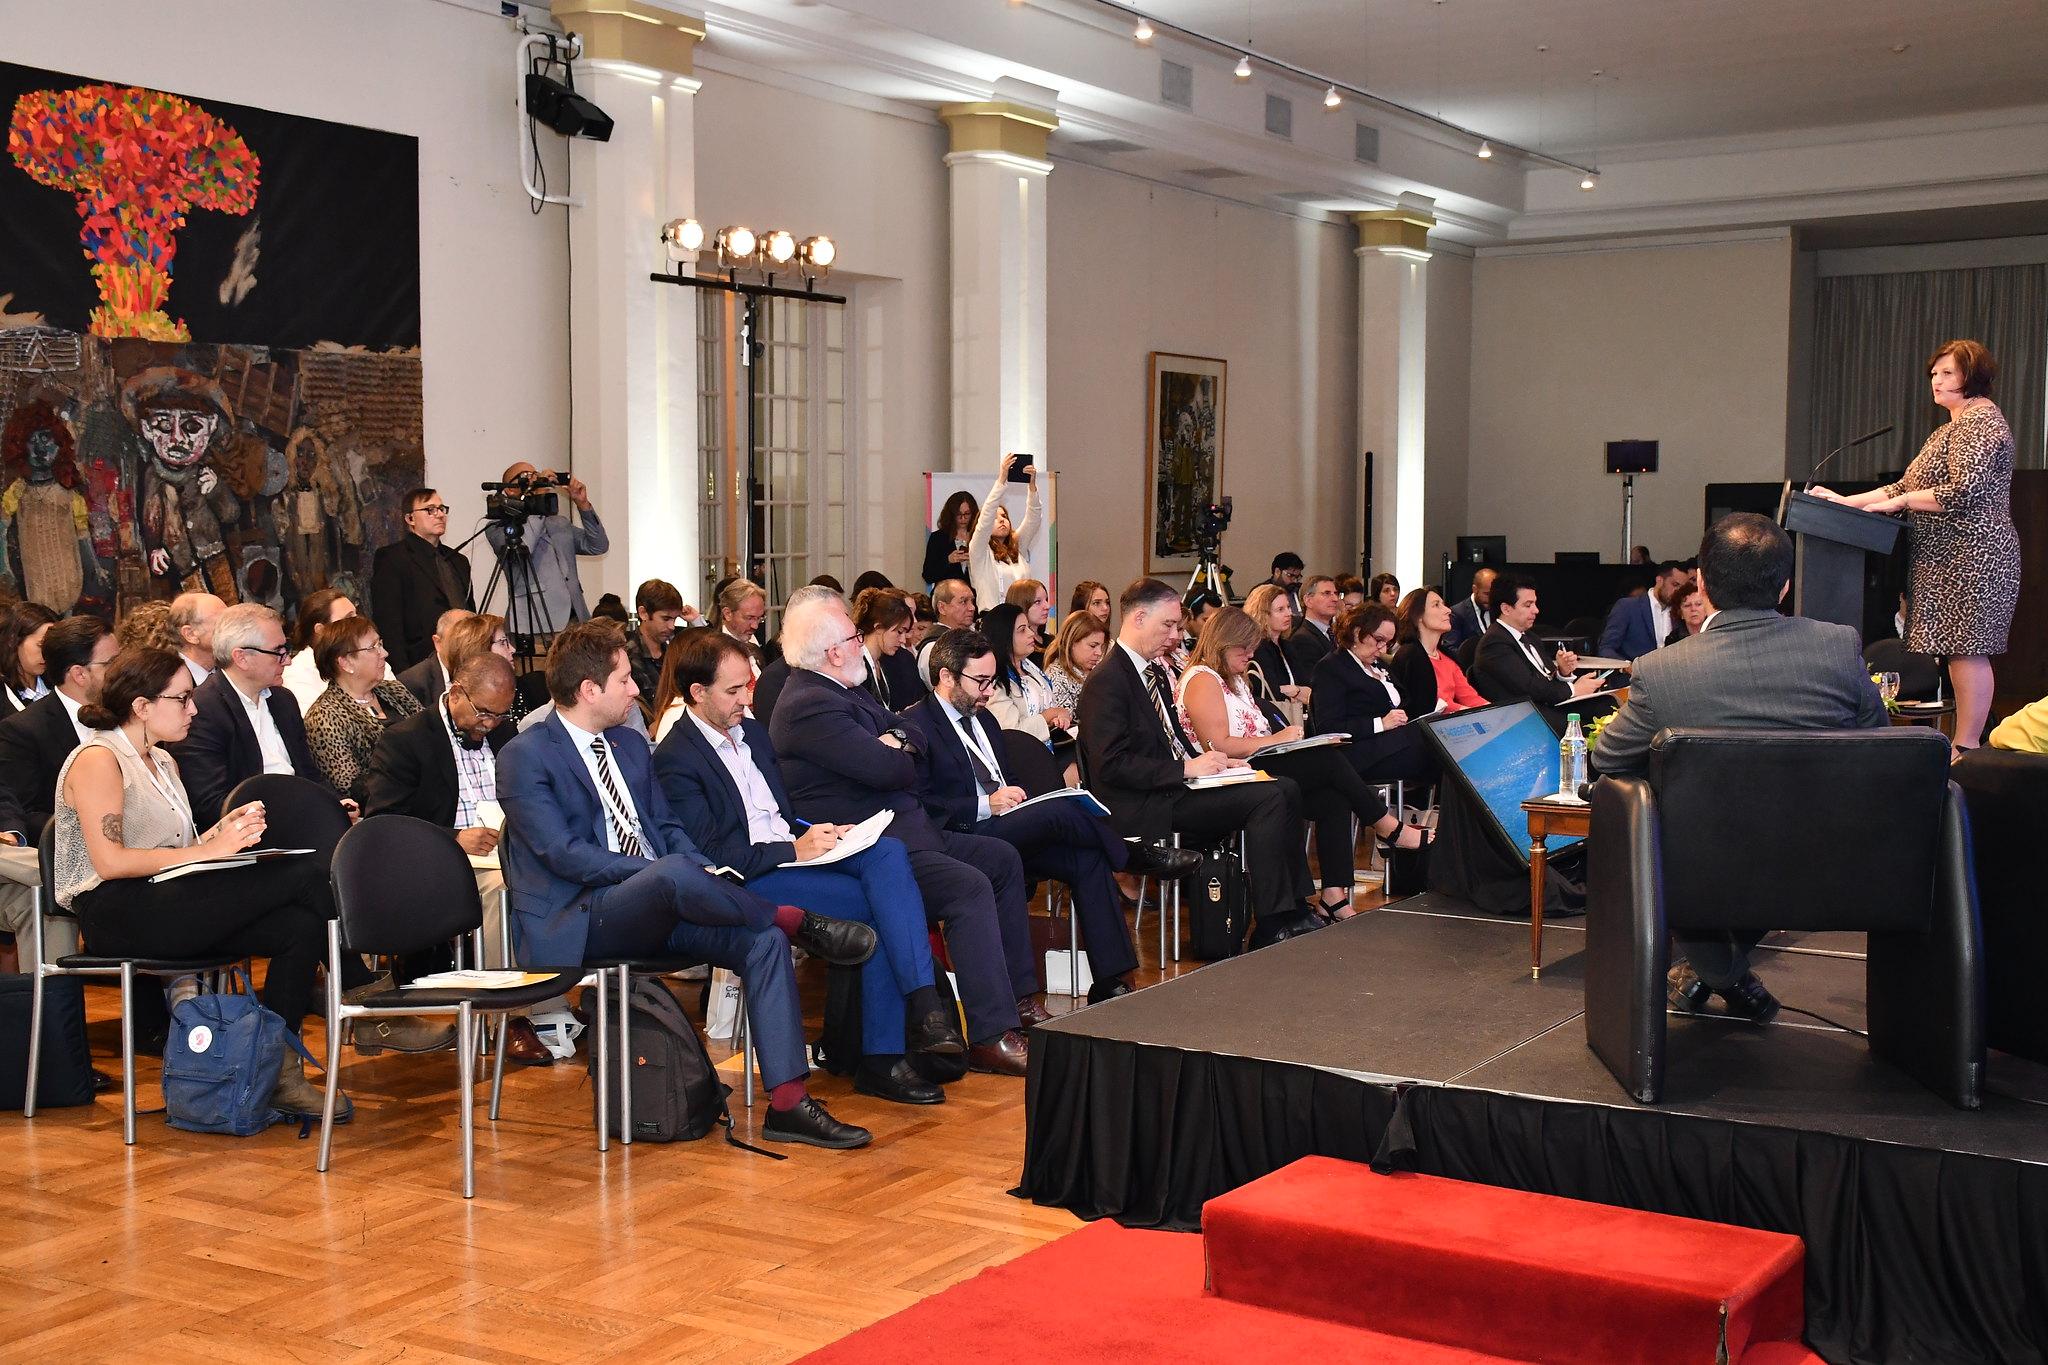 Jolita Butkeviciene, Directora para América Latina y el Caribe en la Dirección General de Cooperación y Desarrollo - UE dando las palabras de bienvenida al numeroso público presente.